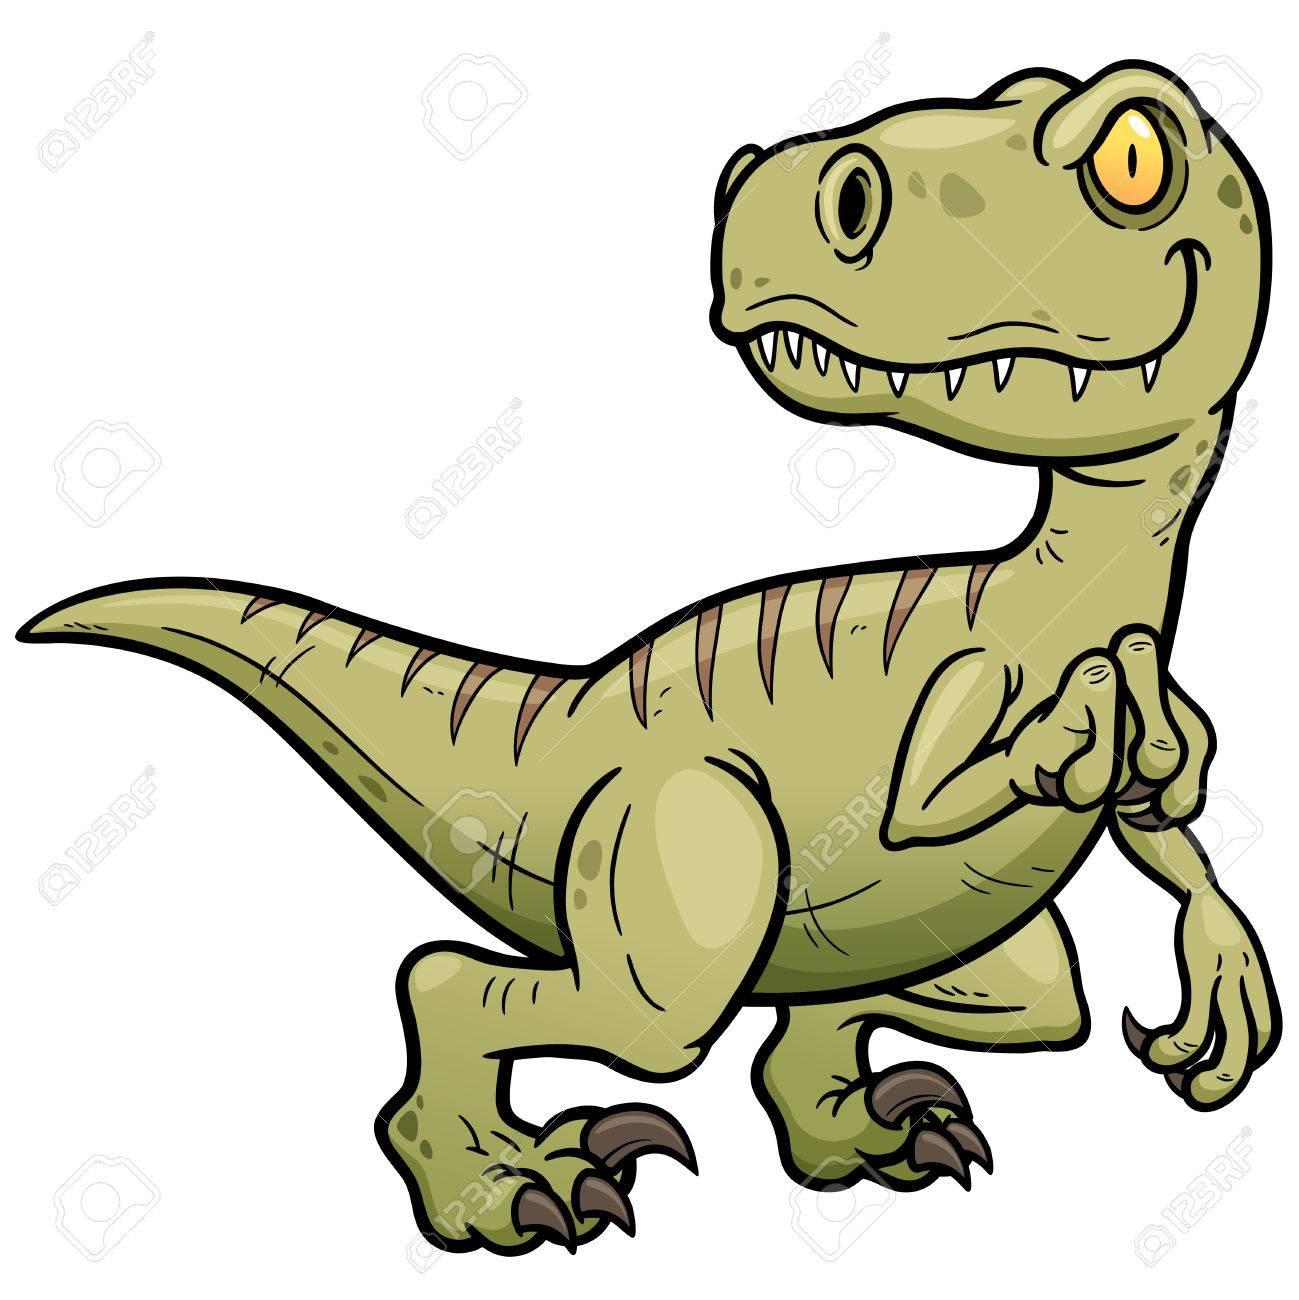 Vector illustration of Dinosaurs cartoon - 43673855